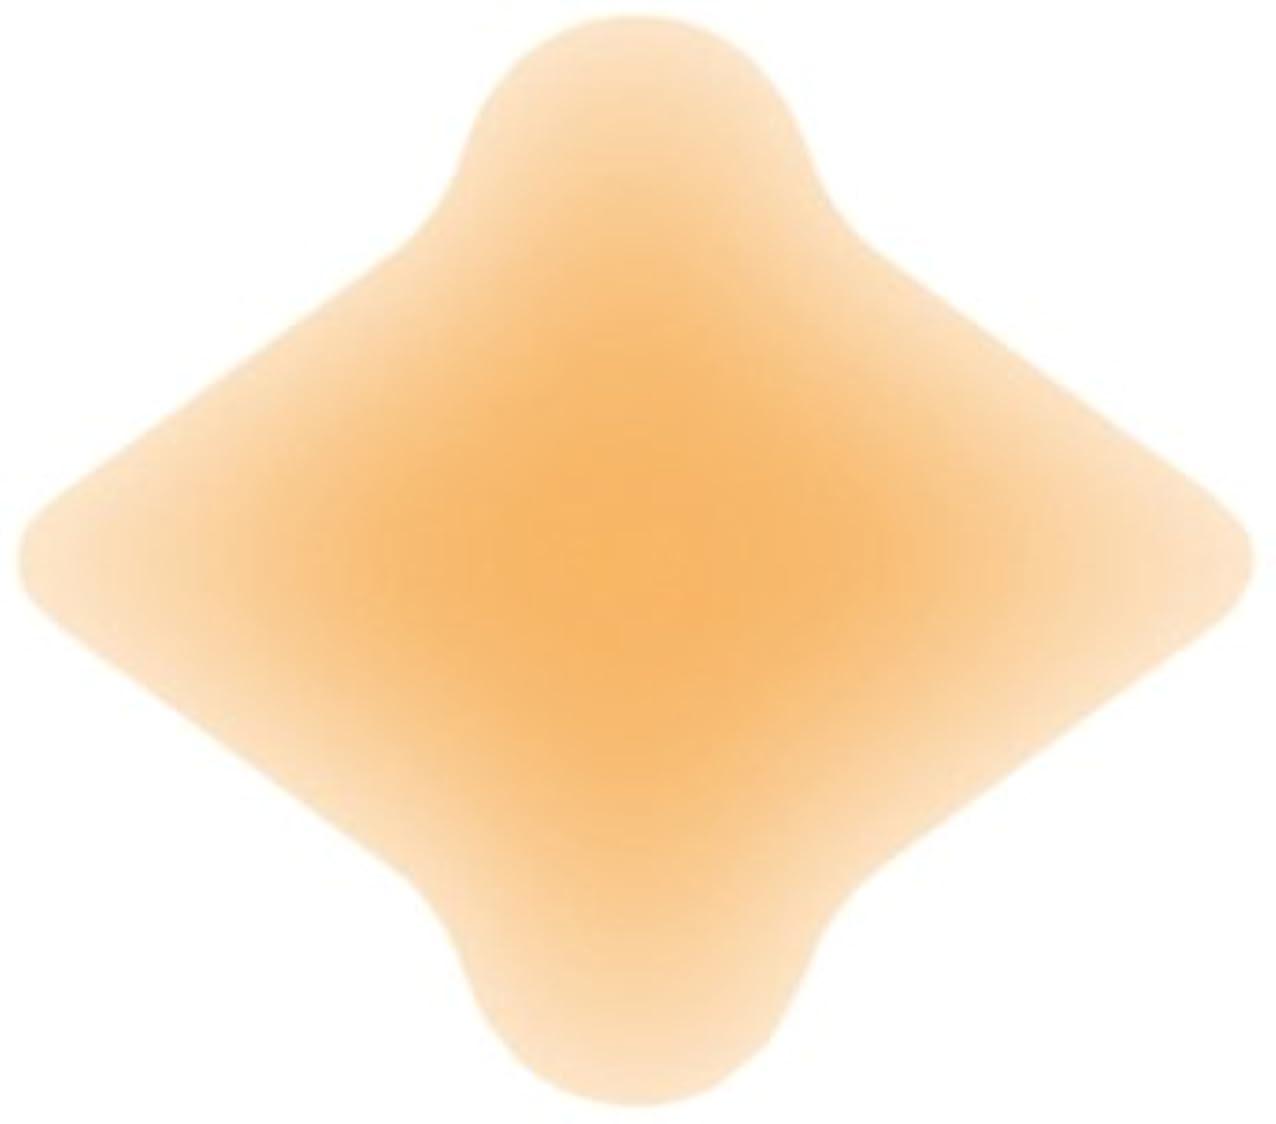 スナッチ突破口コンピューターを使用するソルボクッションパッド 外反母趾用(4枚入)オークル